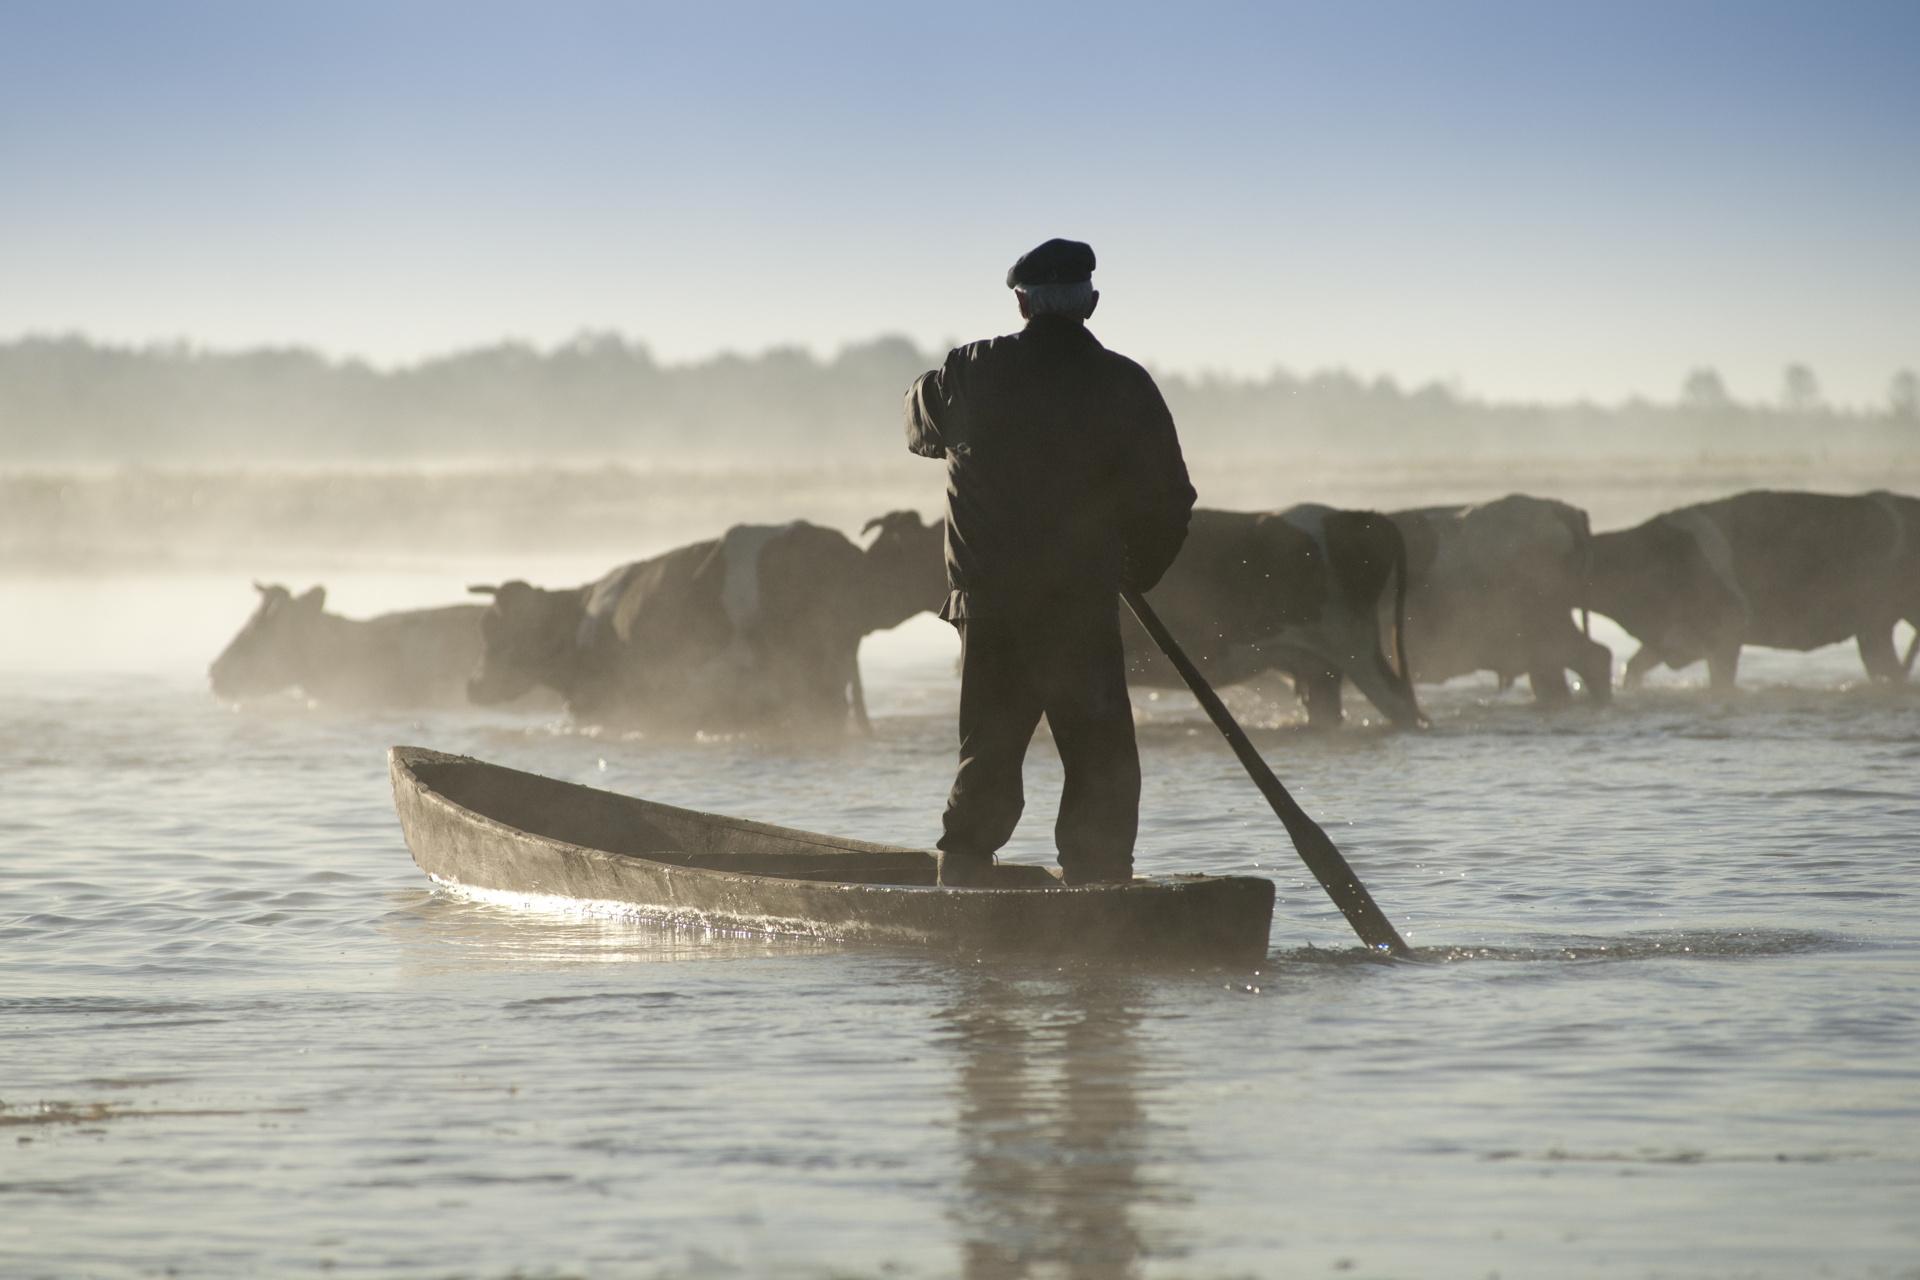 Rolnik na pychówce przeprawia swoje krowy przez rzekę. fot. Paweł Tadejko